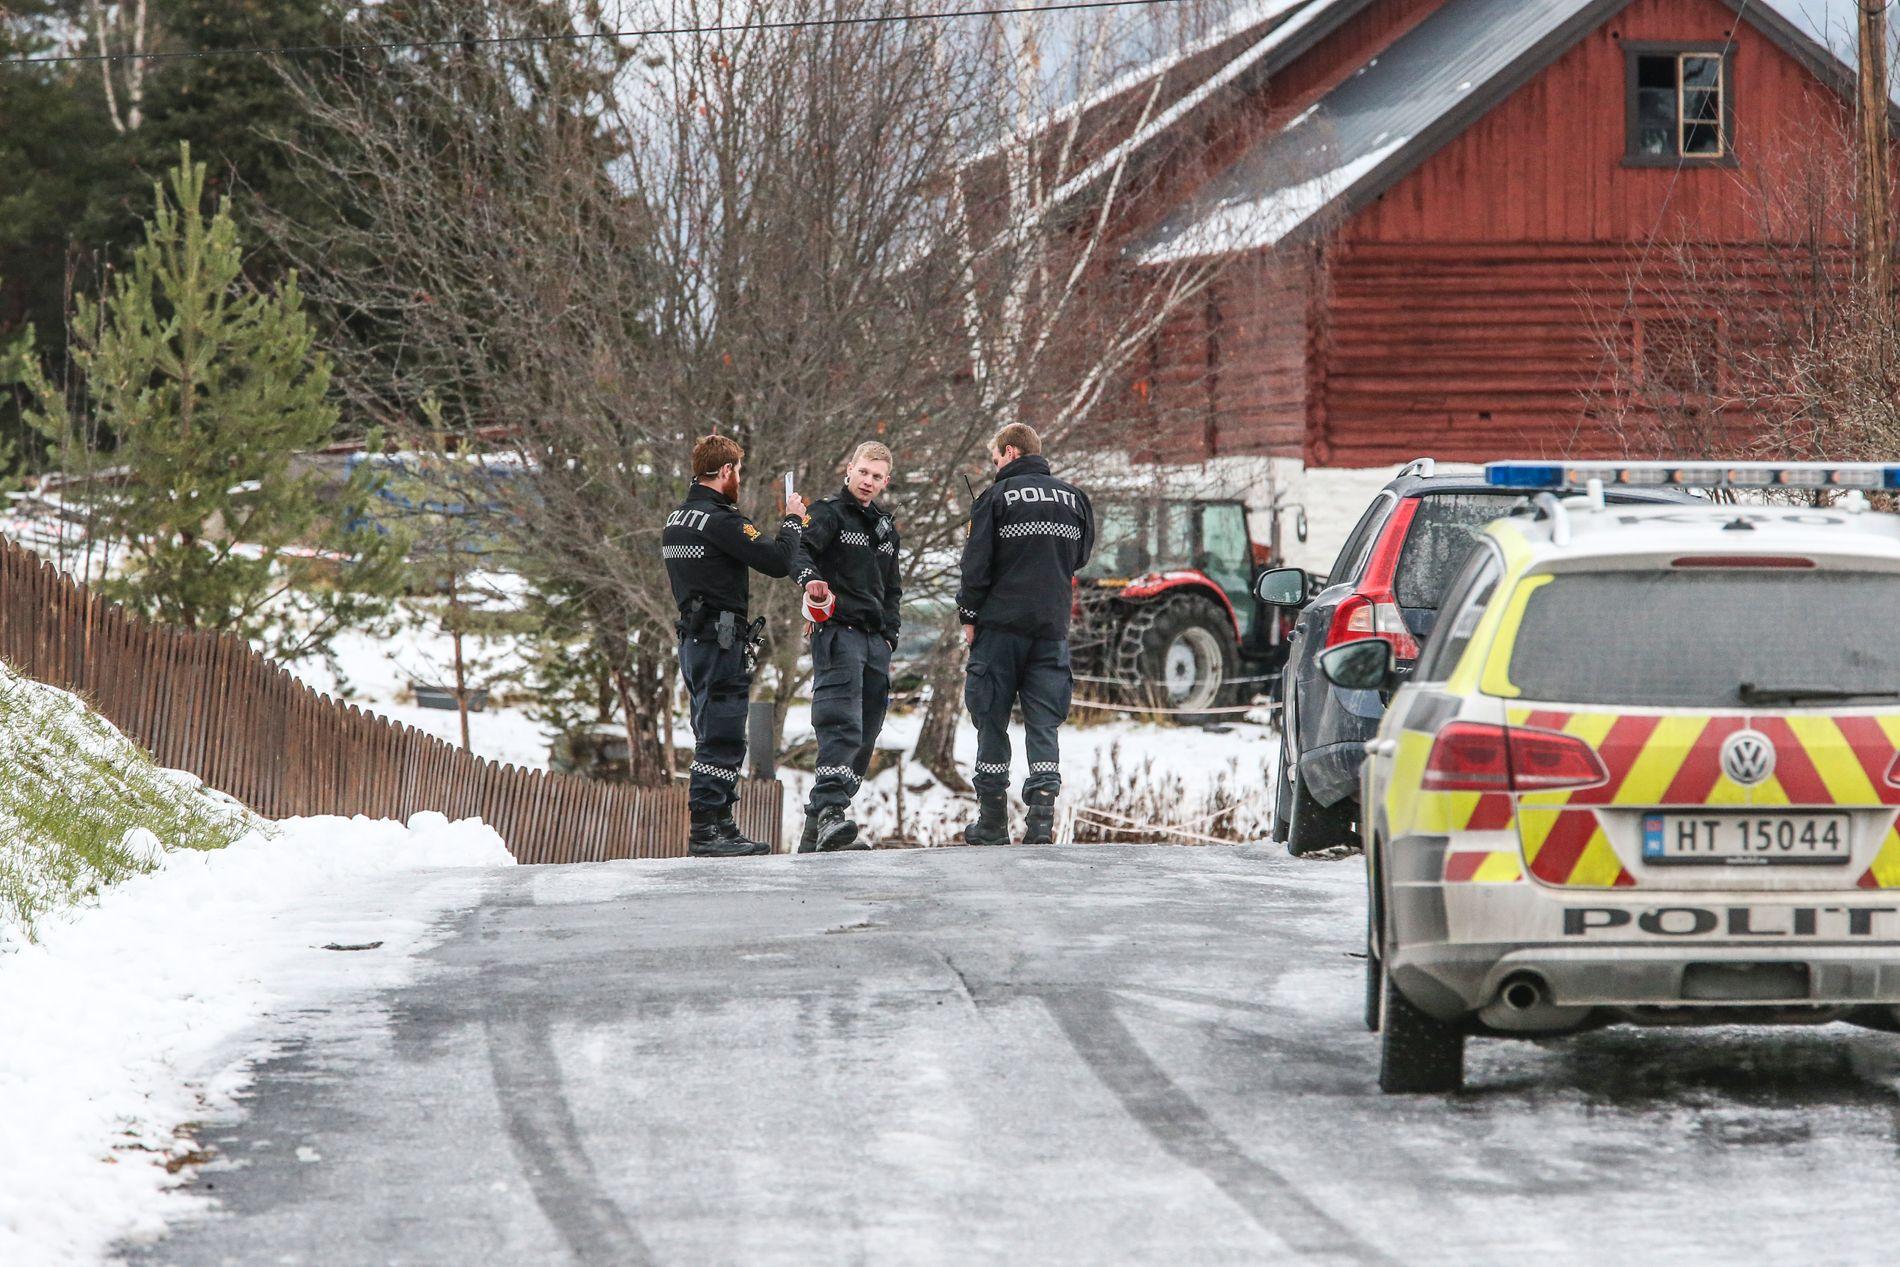 UNDERSØKER: Politiet gjør undersøkelser i området rundt åstedet.